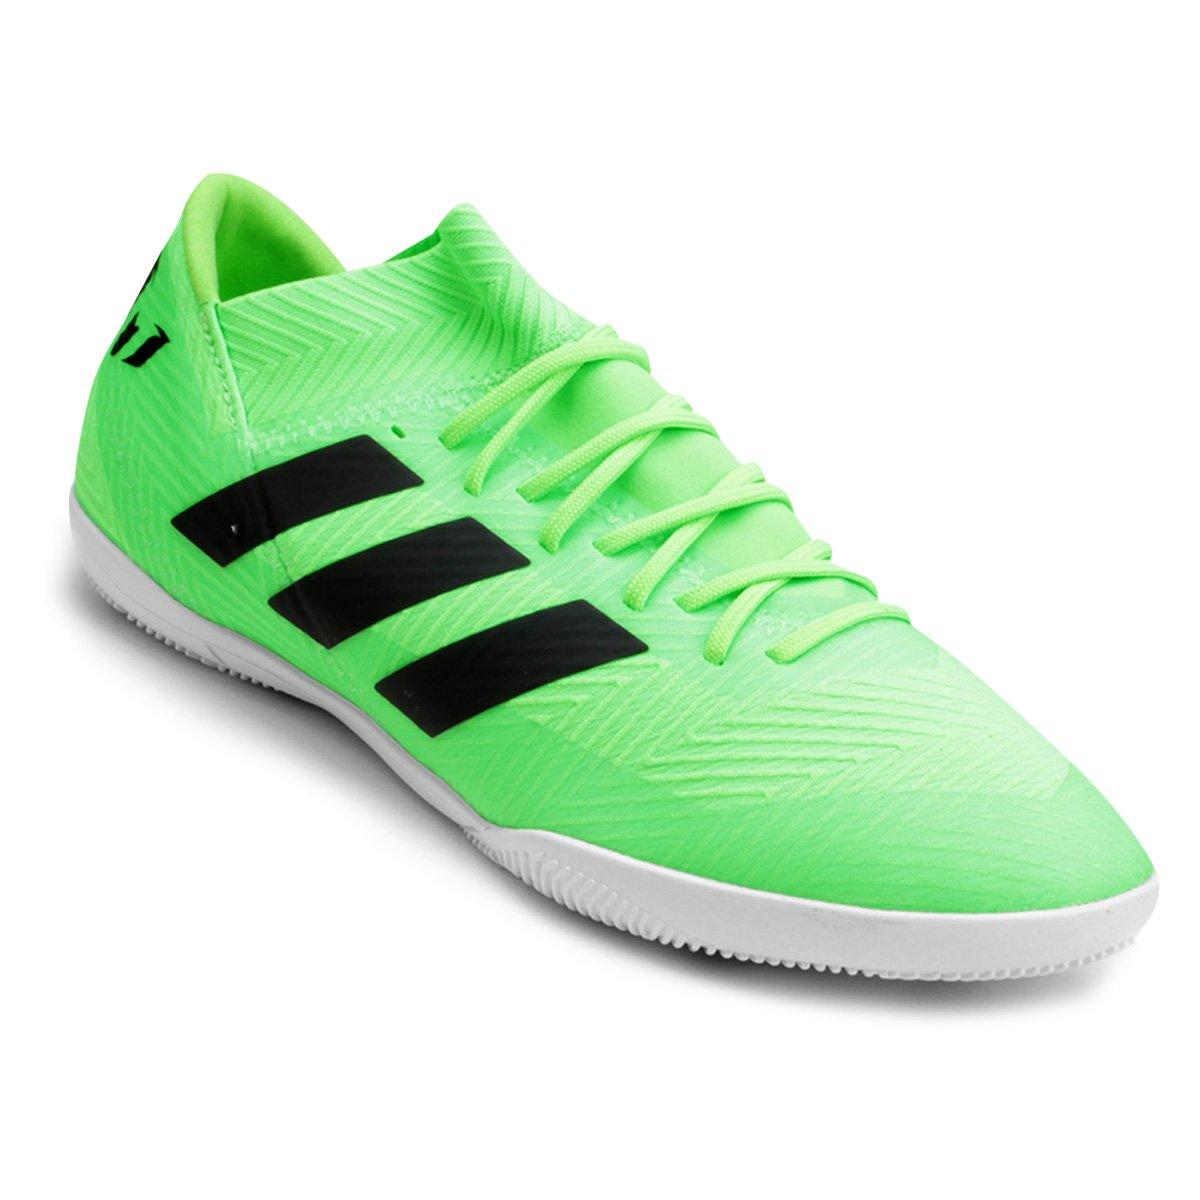 Chuteira Futsal Adidas Nemeziz Messi Tan 18 3 IN - Verde e Preto - Compre  Agora  0fb773a9bbb